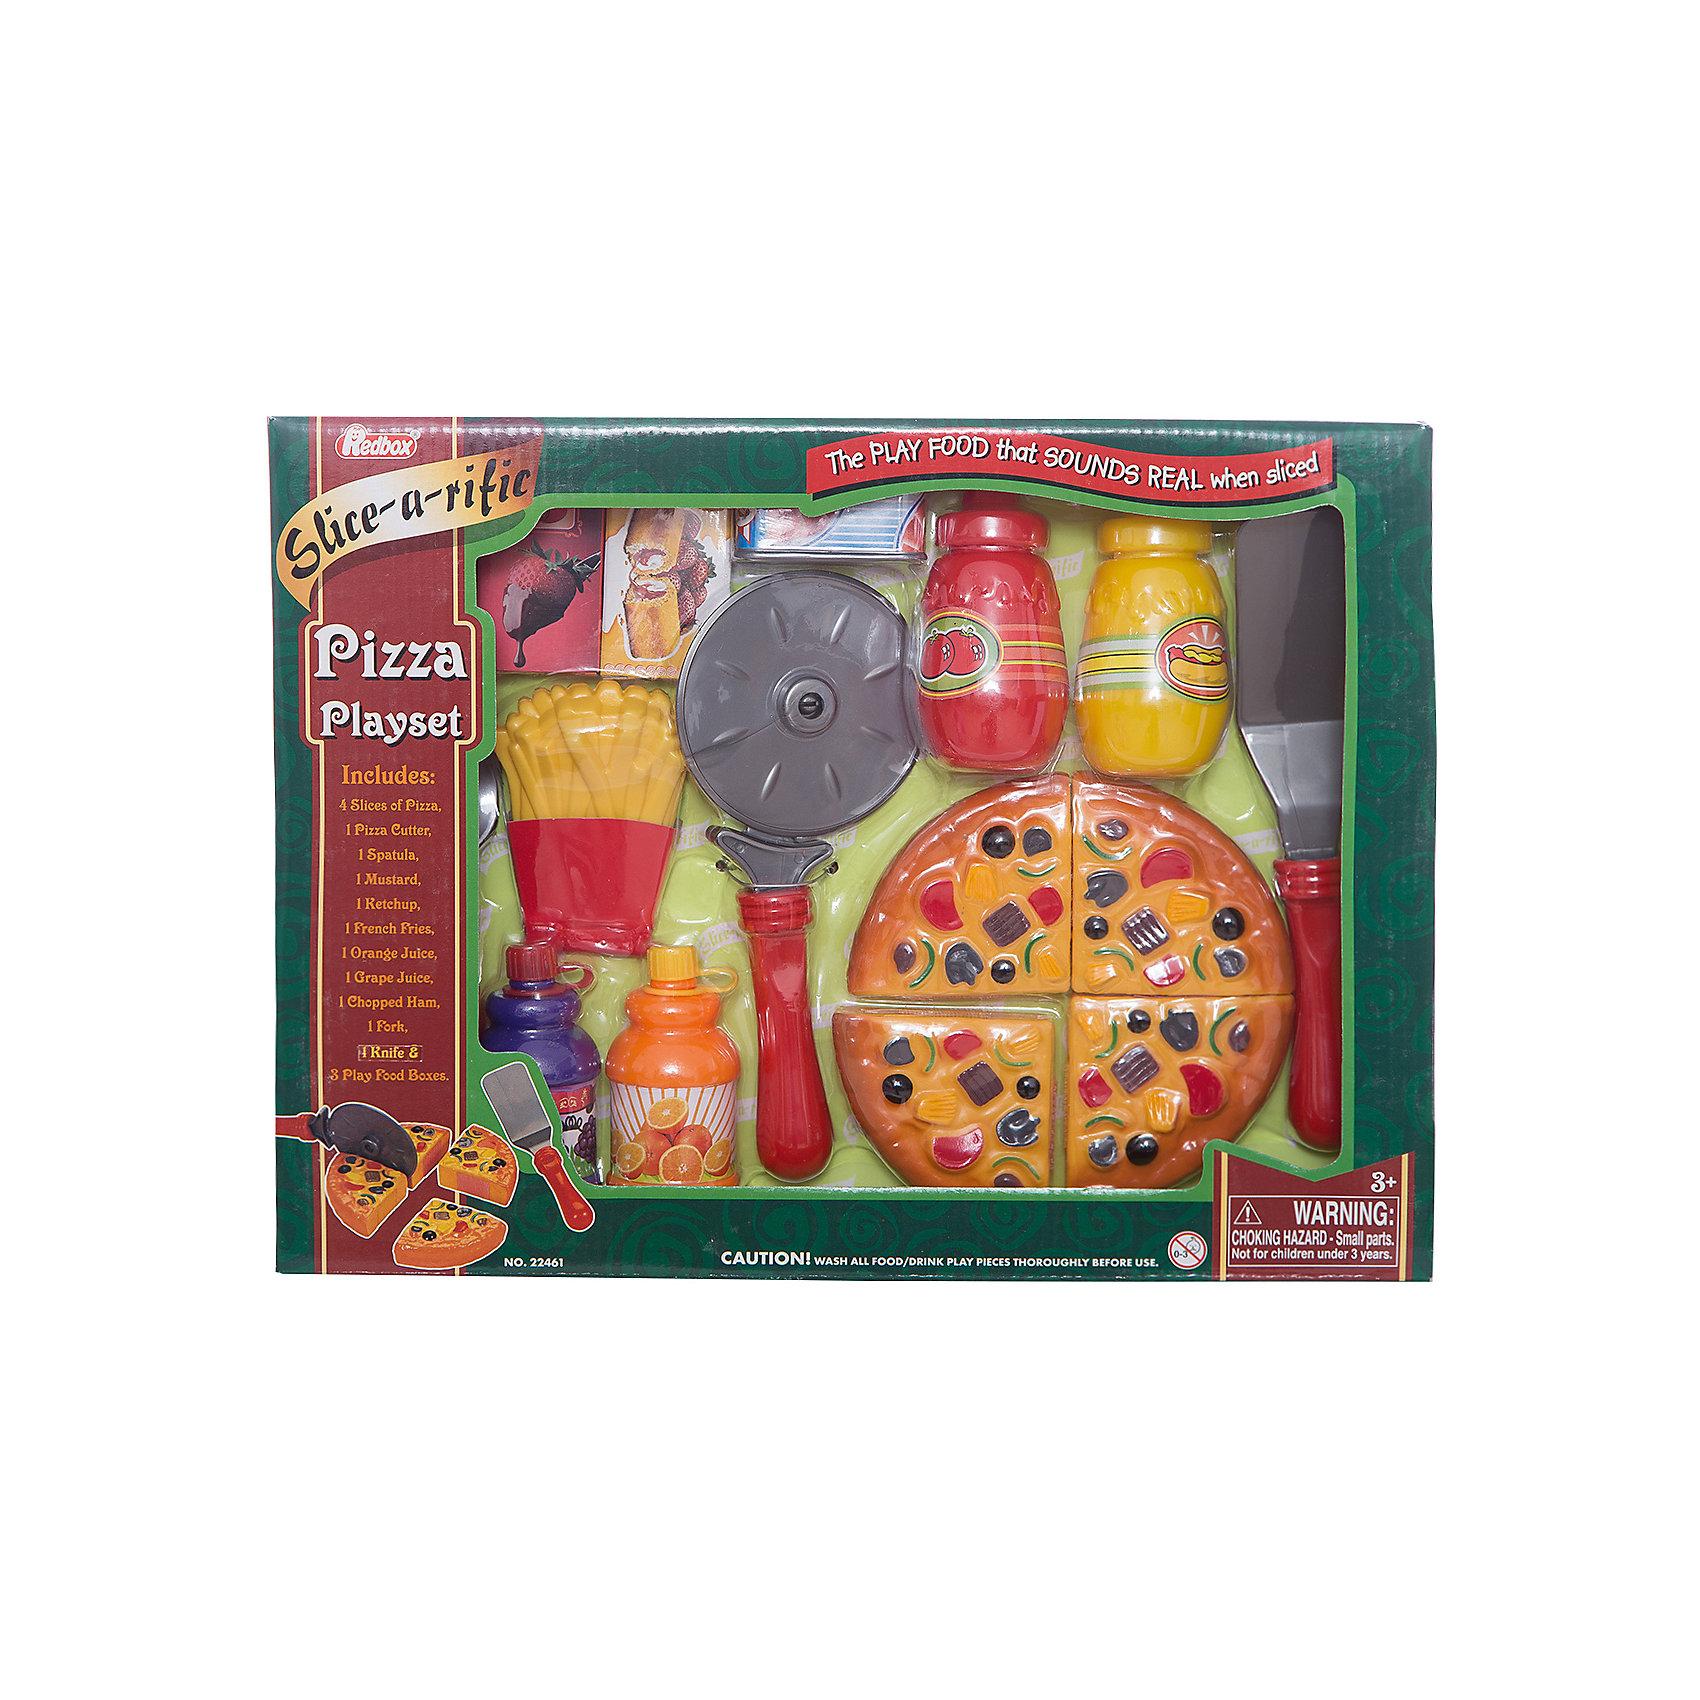 Набор Пиццерия, Red BoxНабор Пиццерия, Red Box (Ред Бокс) – это прекрасный игровой набор, который понравится вашей маленькой хозяйке.<br>С набором Пиццерия ваша малышка легко сможет сама организовать угощение для своих кукол и плюшевых игрушек. Пицца режется на четыре куска, которые между собой соединены липучкой. Специальной лопаточкой угощение можно разложить по тарелочкам. Все элементы набора изготовлены из качественного пластика. Играя с ним, девочка будет готовиться к взрослой жизни и станет более самостоятельной, уверенной и активной.<br><br>Дополнительная информация:<br><br>- В наборе: муляж пиццы (4 кусочка), нож, вилка, лопаточка, нож для пиццы, муляж картофеля фри, 4 баночки с «соусами», 4 картонных коробки<br>- Материал: пластик<br>- Размер упаковки: 36х5х27 см.<br><br>Набор Пиццерия, Red Box (Ред Бокс) можно купить в нашем интернет-магазине.<br><br>Ширина мм: 350<br>Глубина мм: 55<br>Высота мм: 250<br>Вес г: 560<br>Возраст от месяцев: 36<br>Возраст до месяцев: 96<br>Пол: Унисекс<br>Возраст: Детский<br>SKU: 4747482